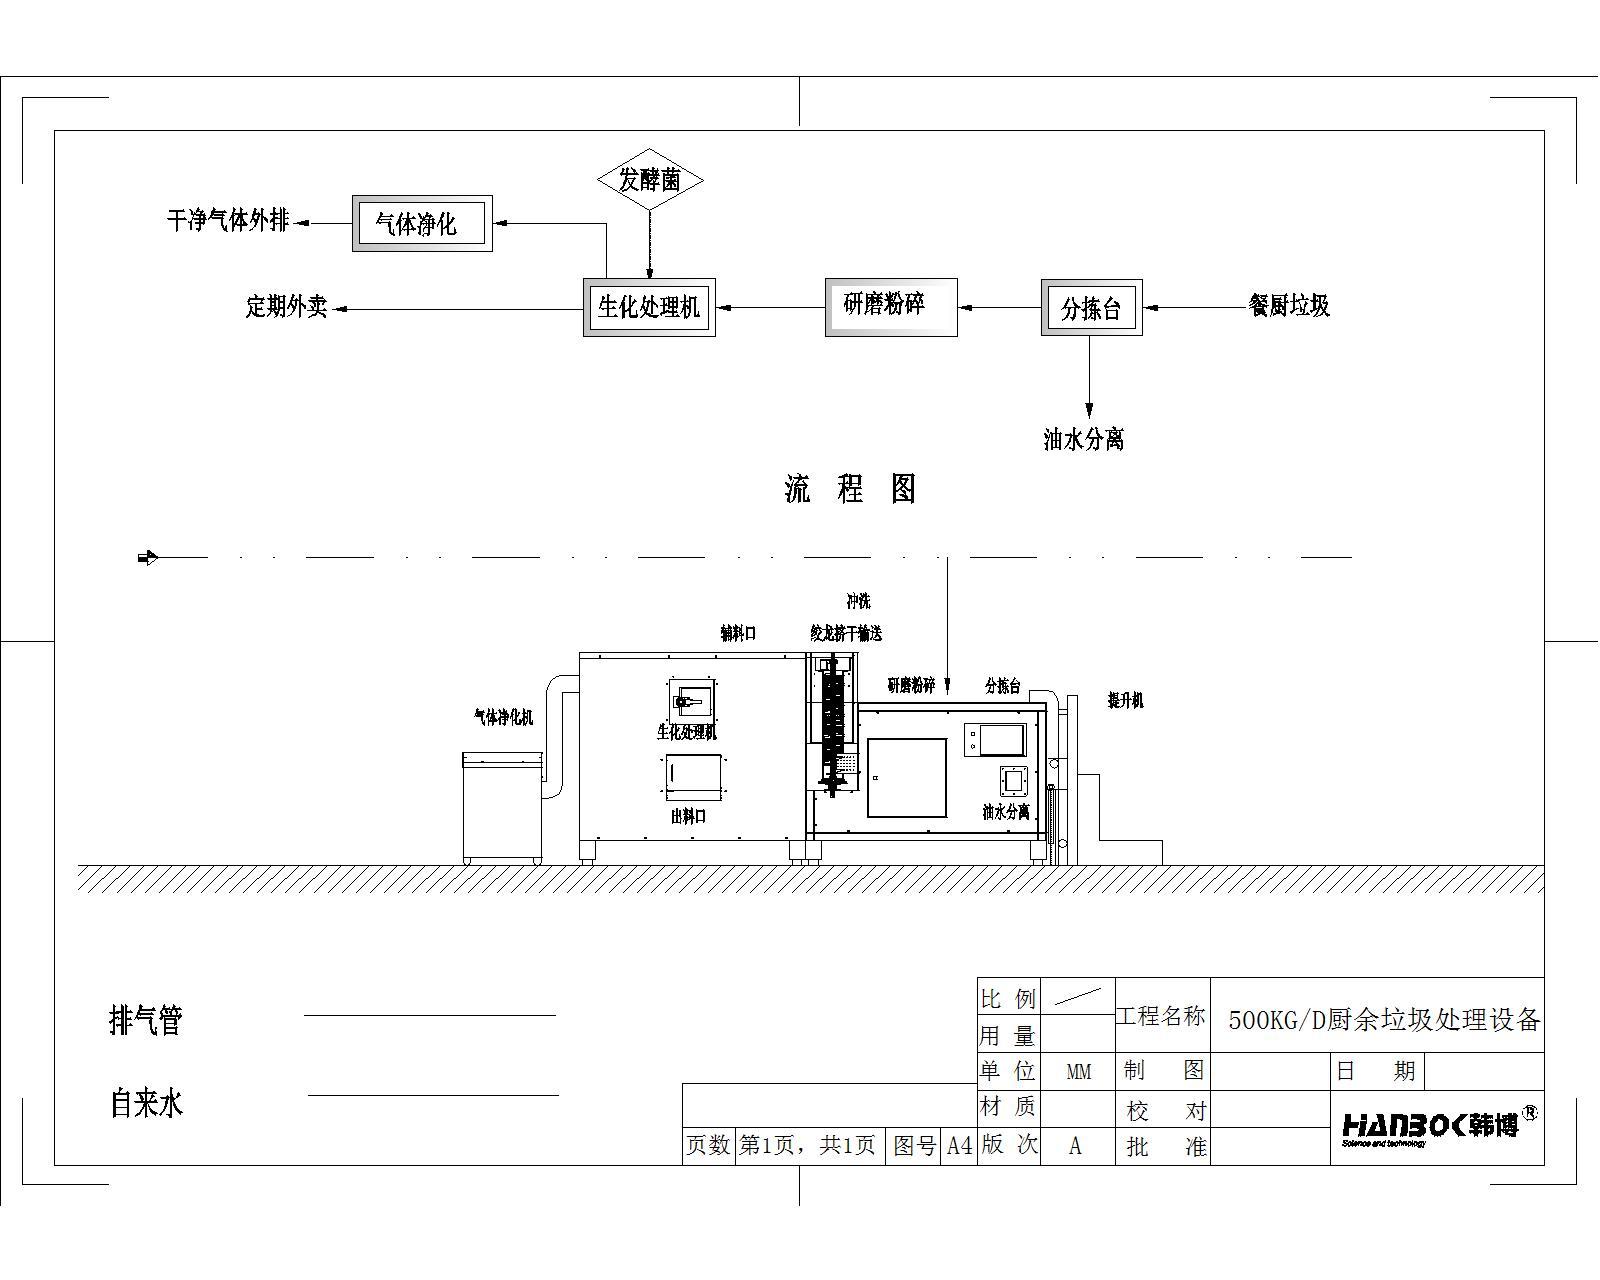 韩博500kg厨余垃圾处理设备流程图1